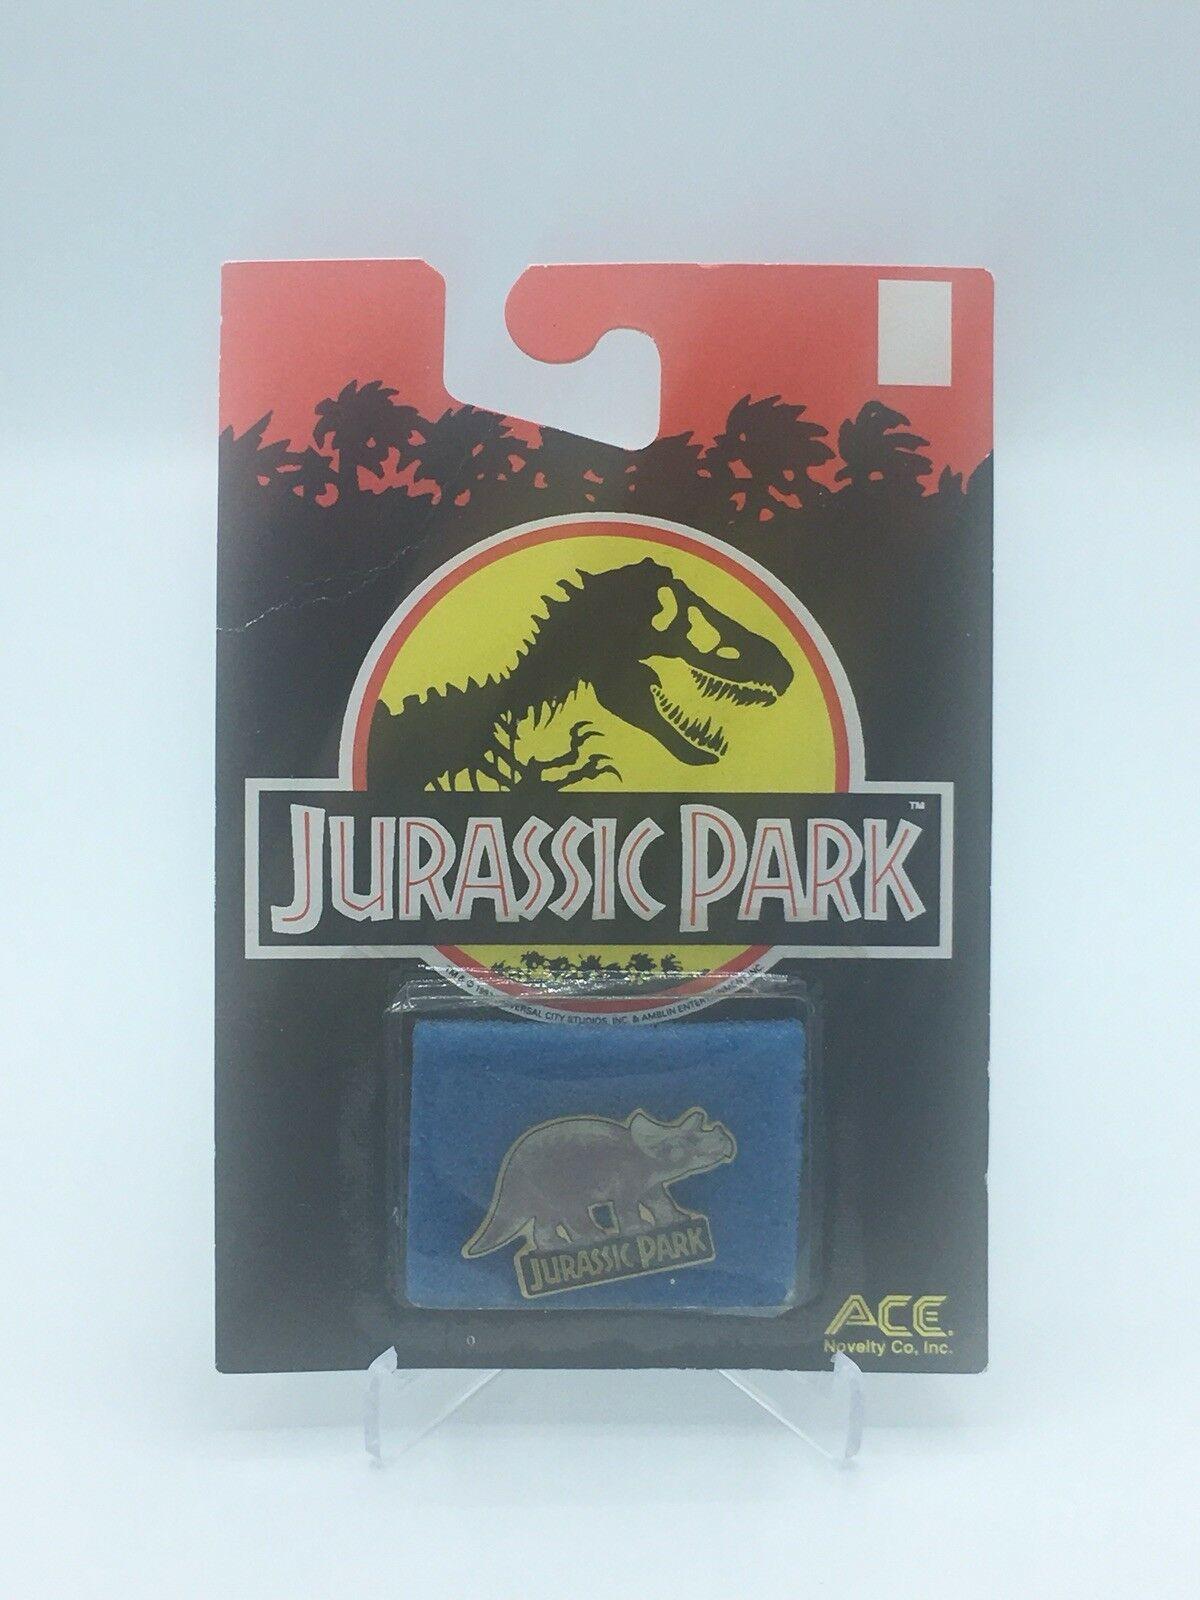 Jurassic Park Triceratops Enamel Pin 1992 Ace Novelty Dinosaur